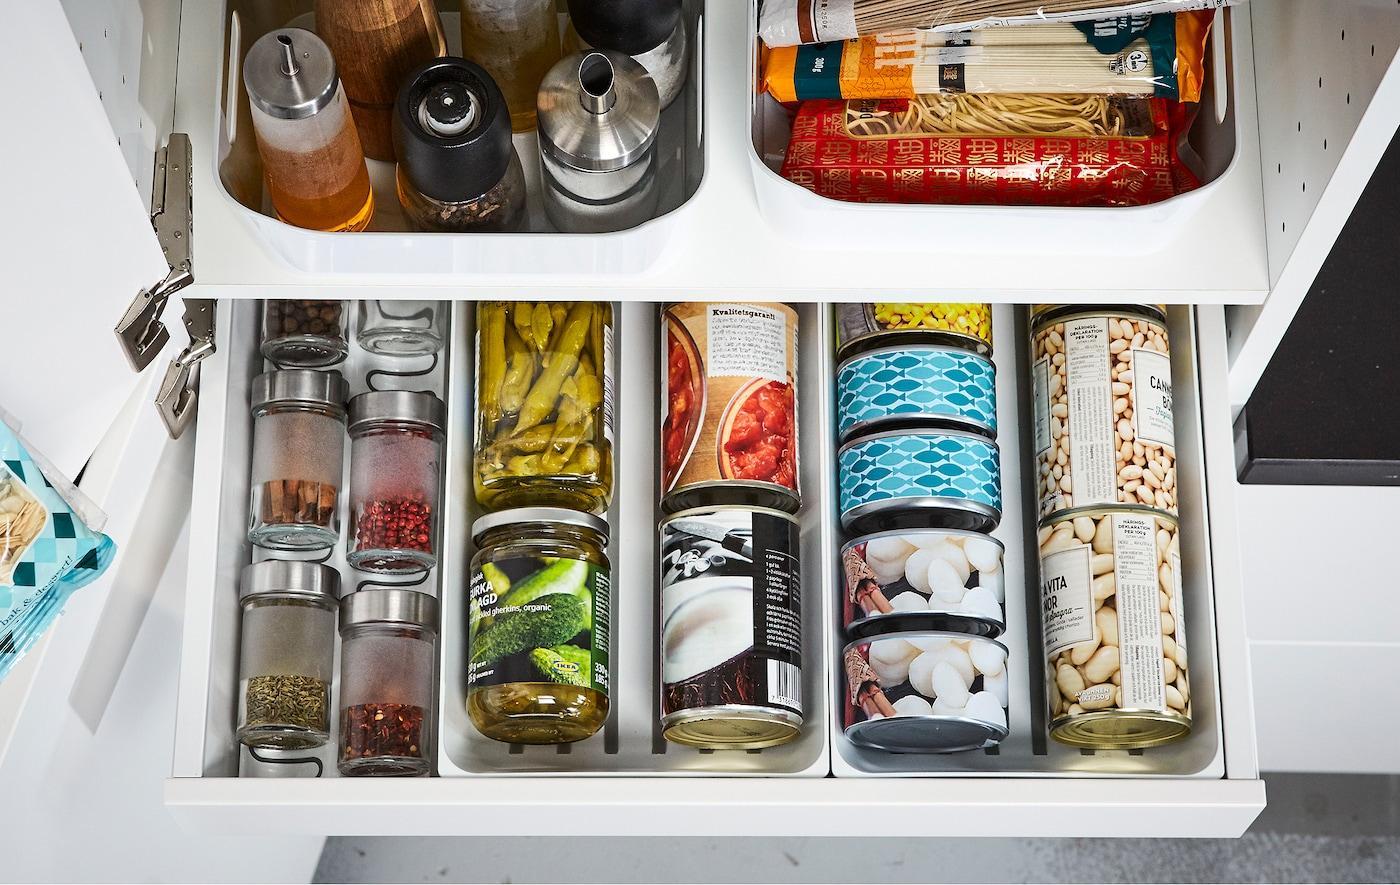 Cuisine Et Votre Maison Meubles Pour Ikea De UzVpSM